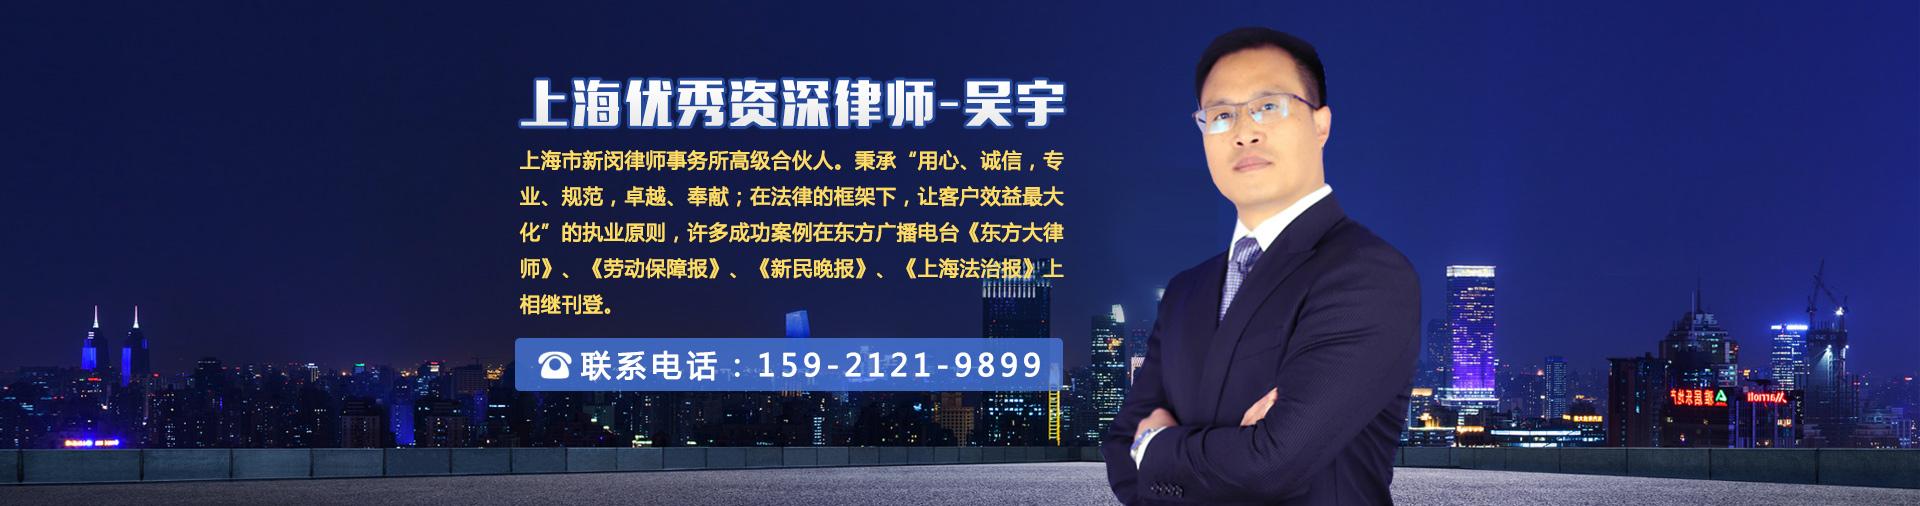 上海施工合同挂靠必威APP精装版-吴宇